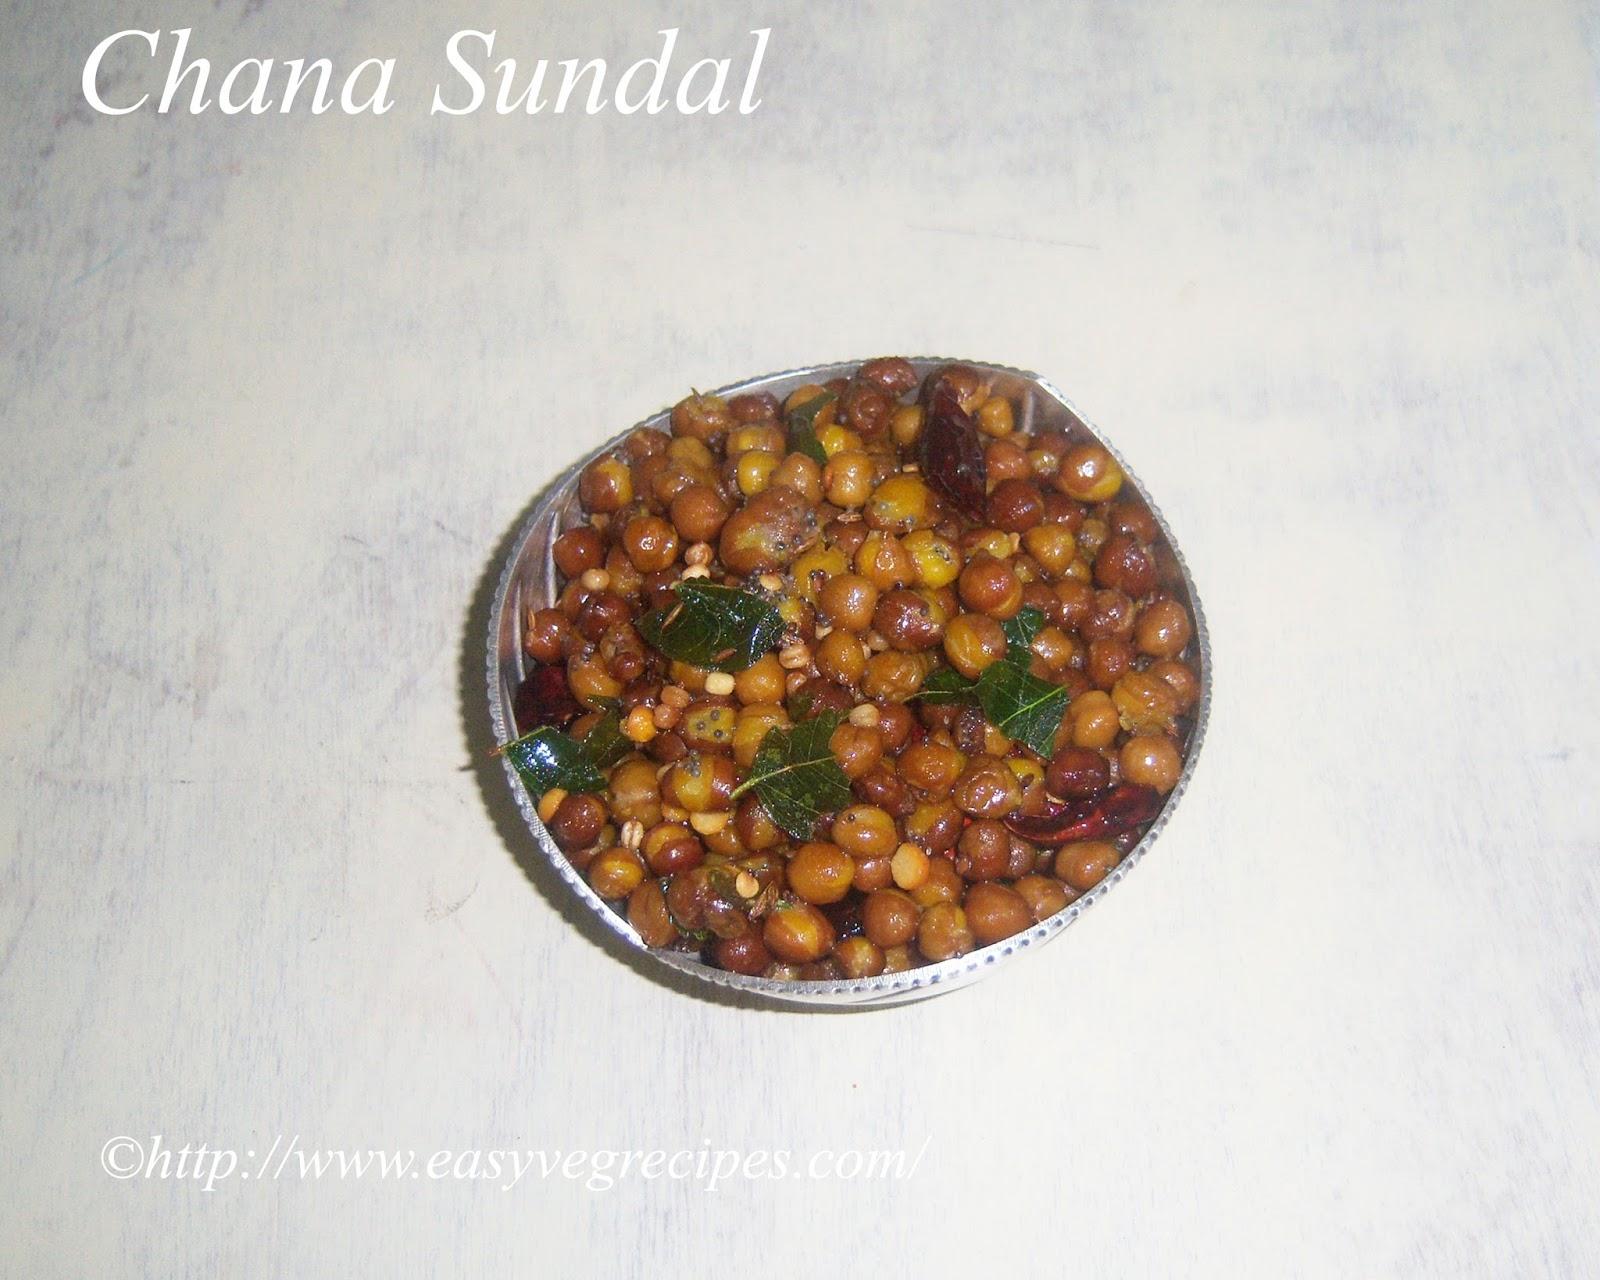 Chana Sundal